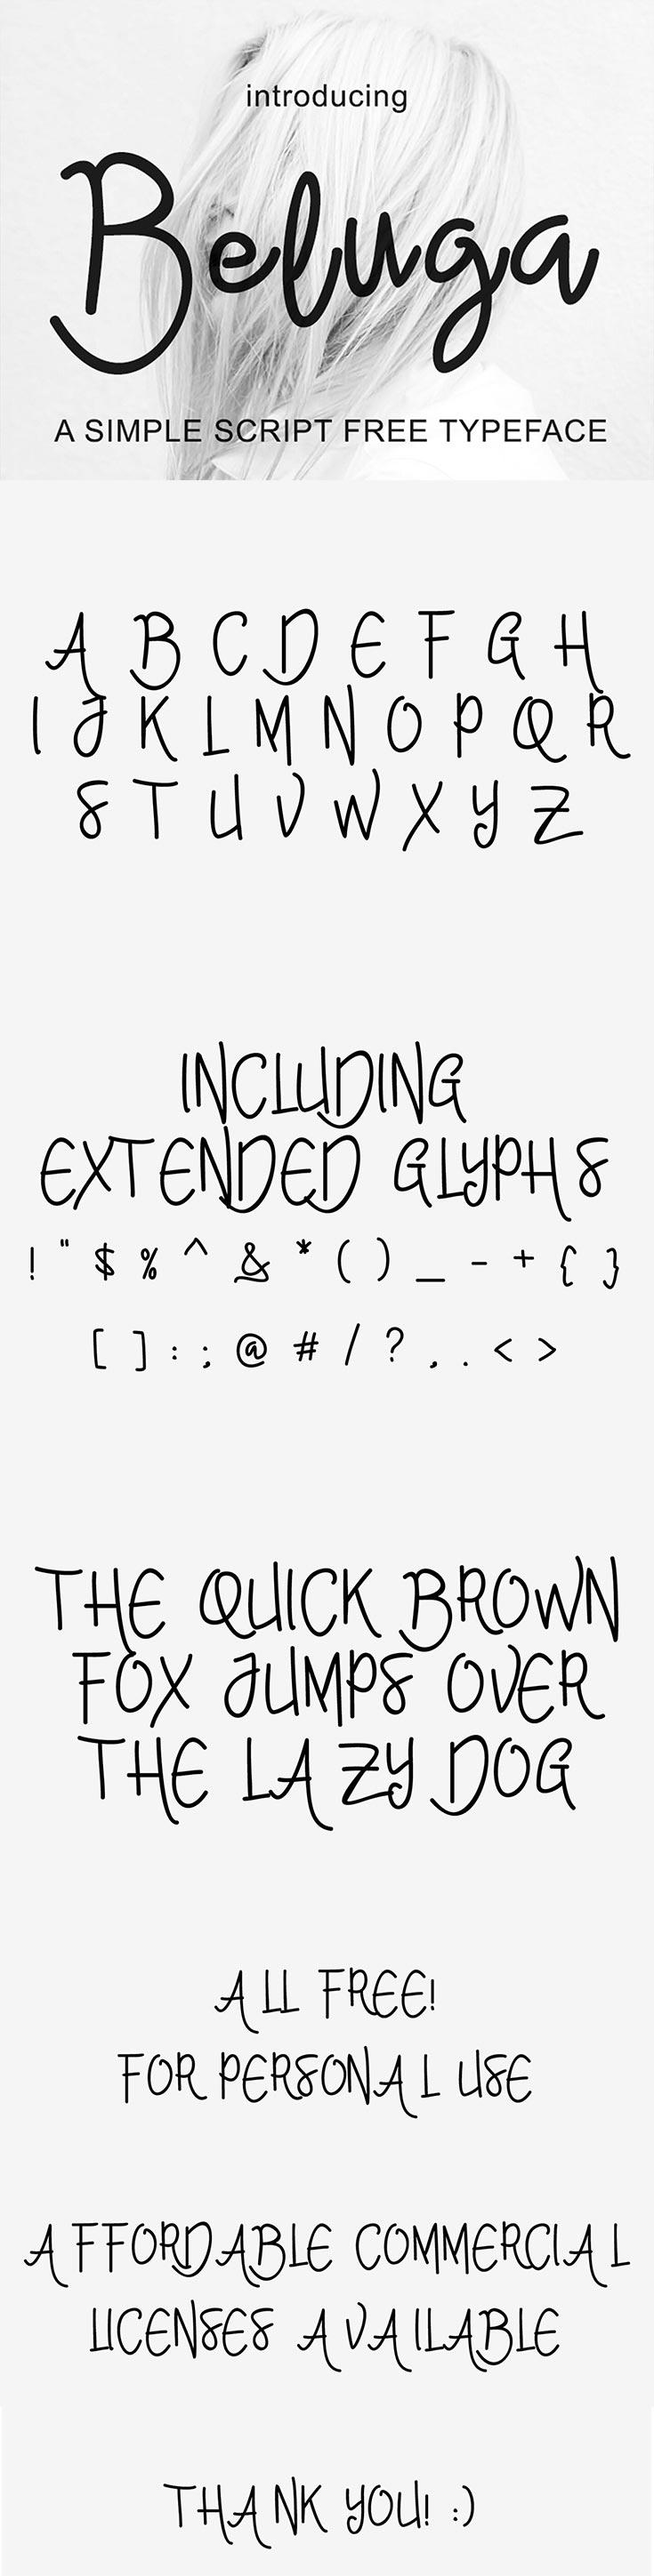 Free Beluga Script Font